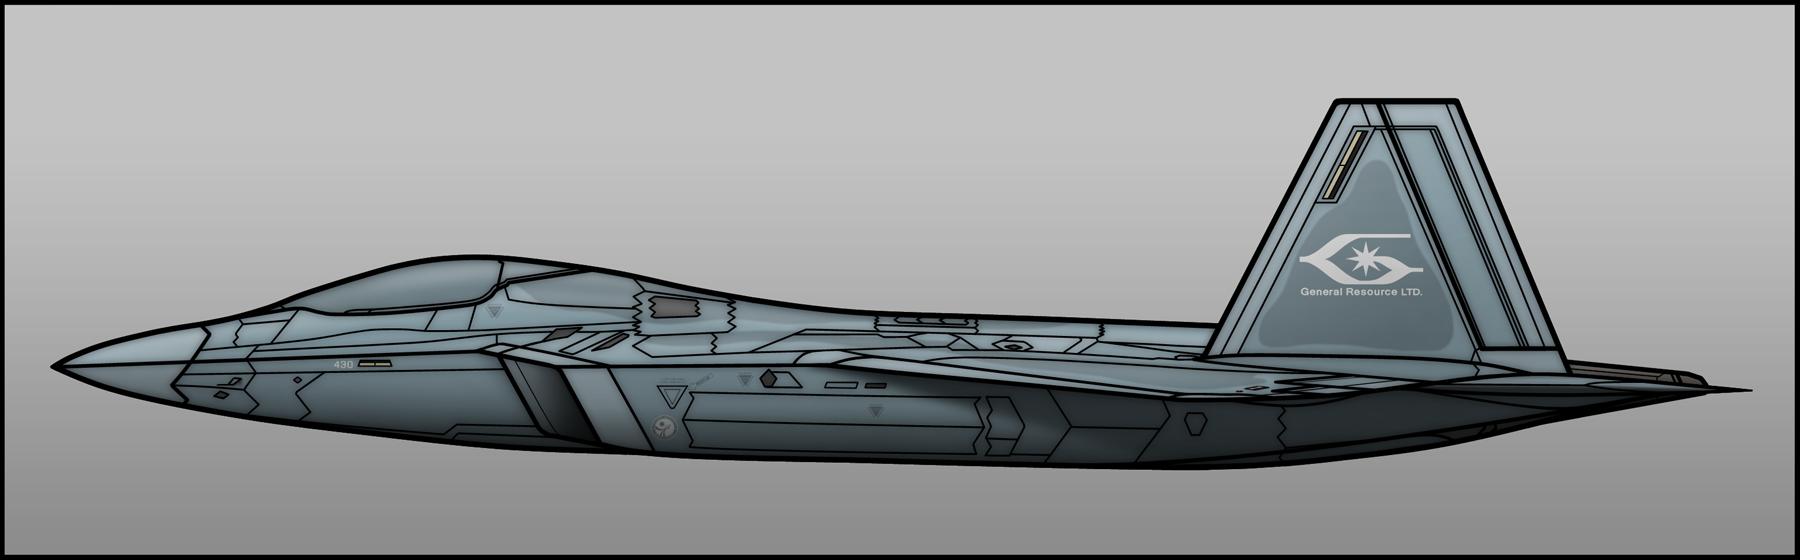 F-22C Raptor II by Jetfreak-7